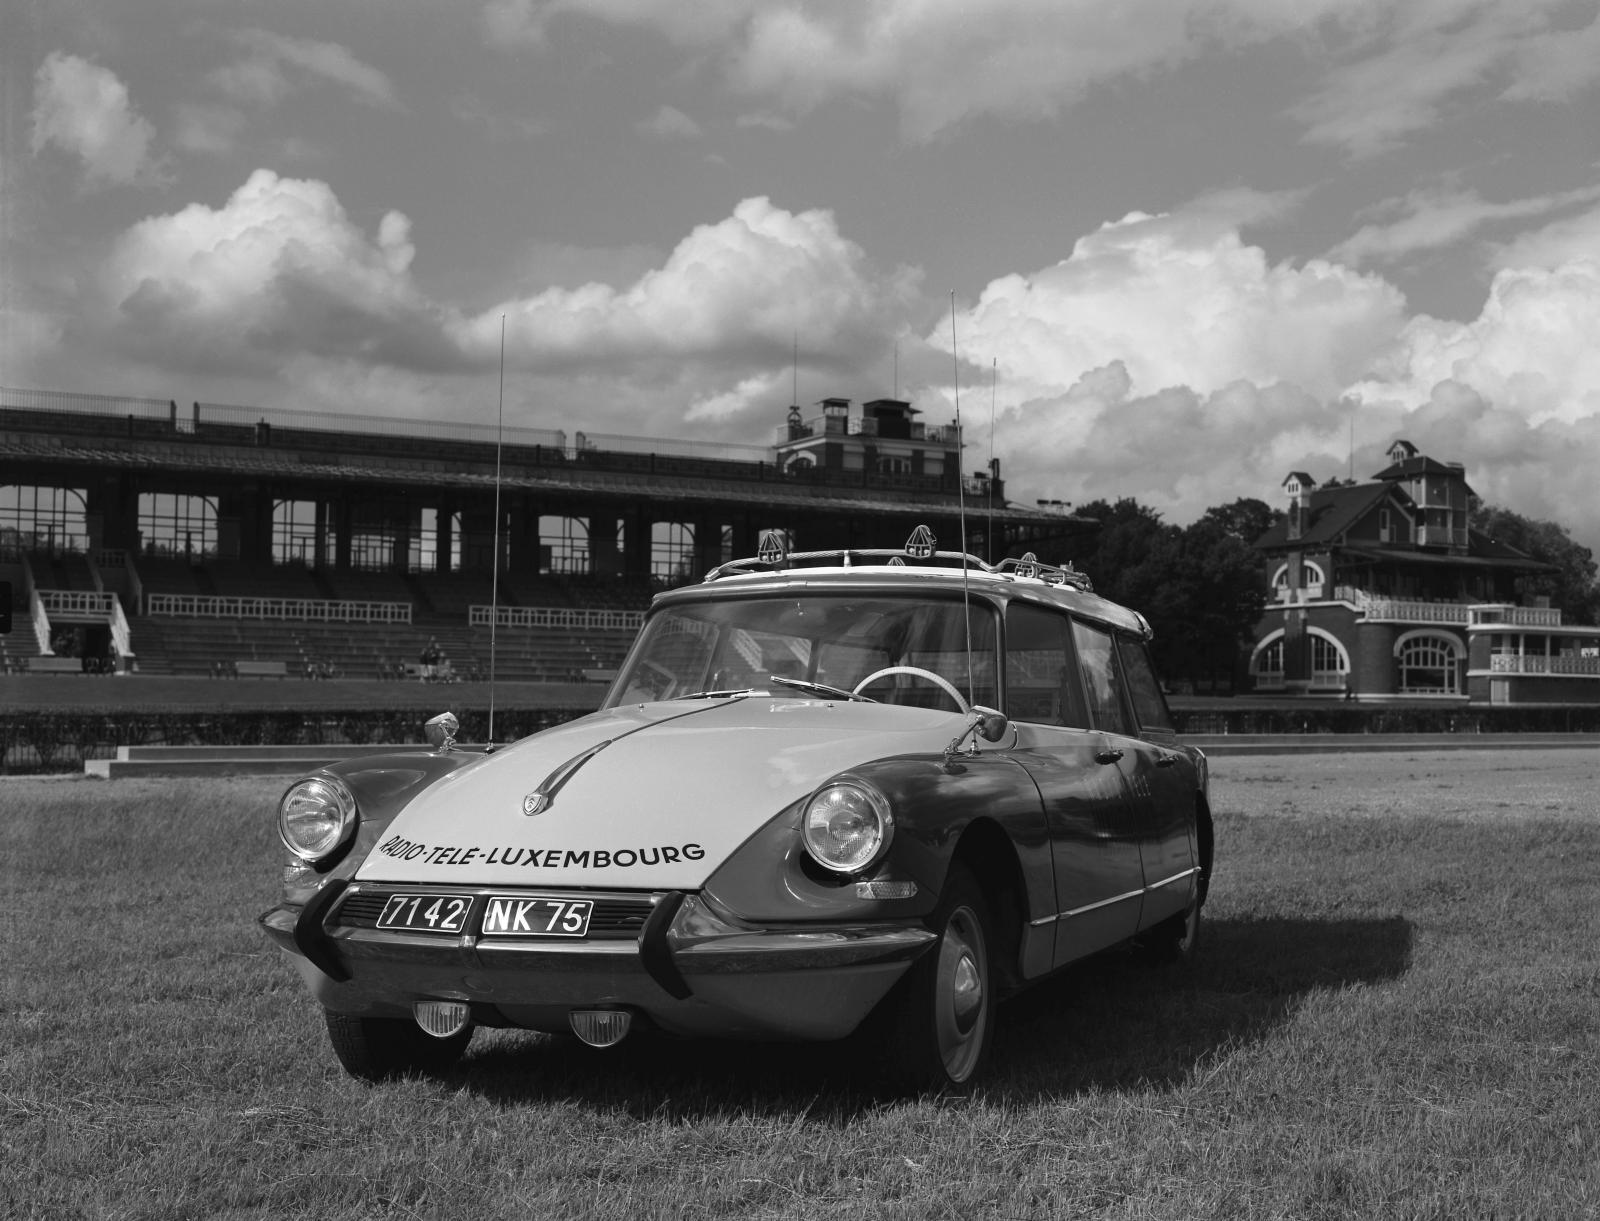 シトロエン DS 19 ワゴン - 広報車両 - 1963年